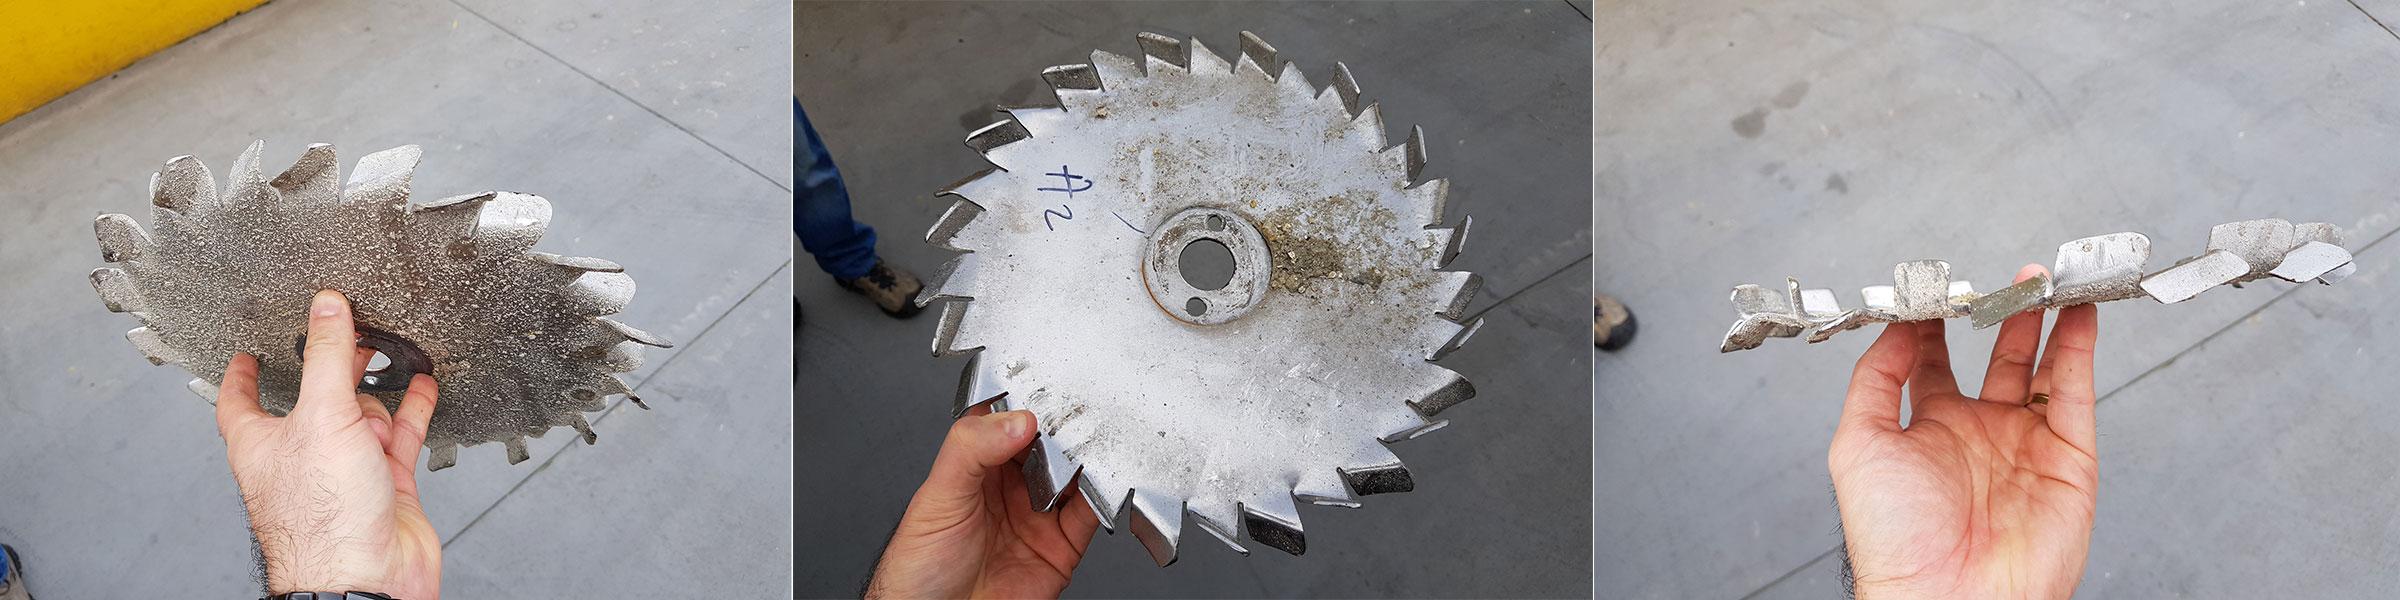 Disco dispersor desgastado pelo uso